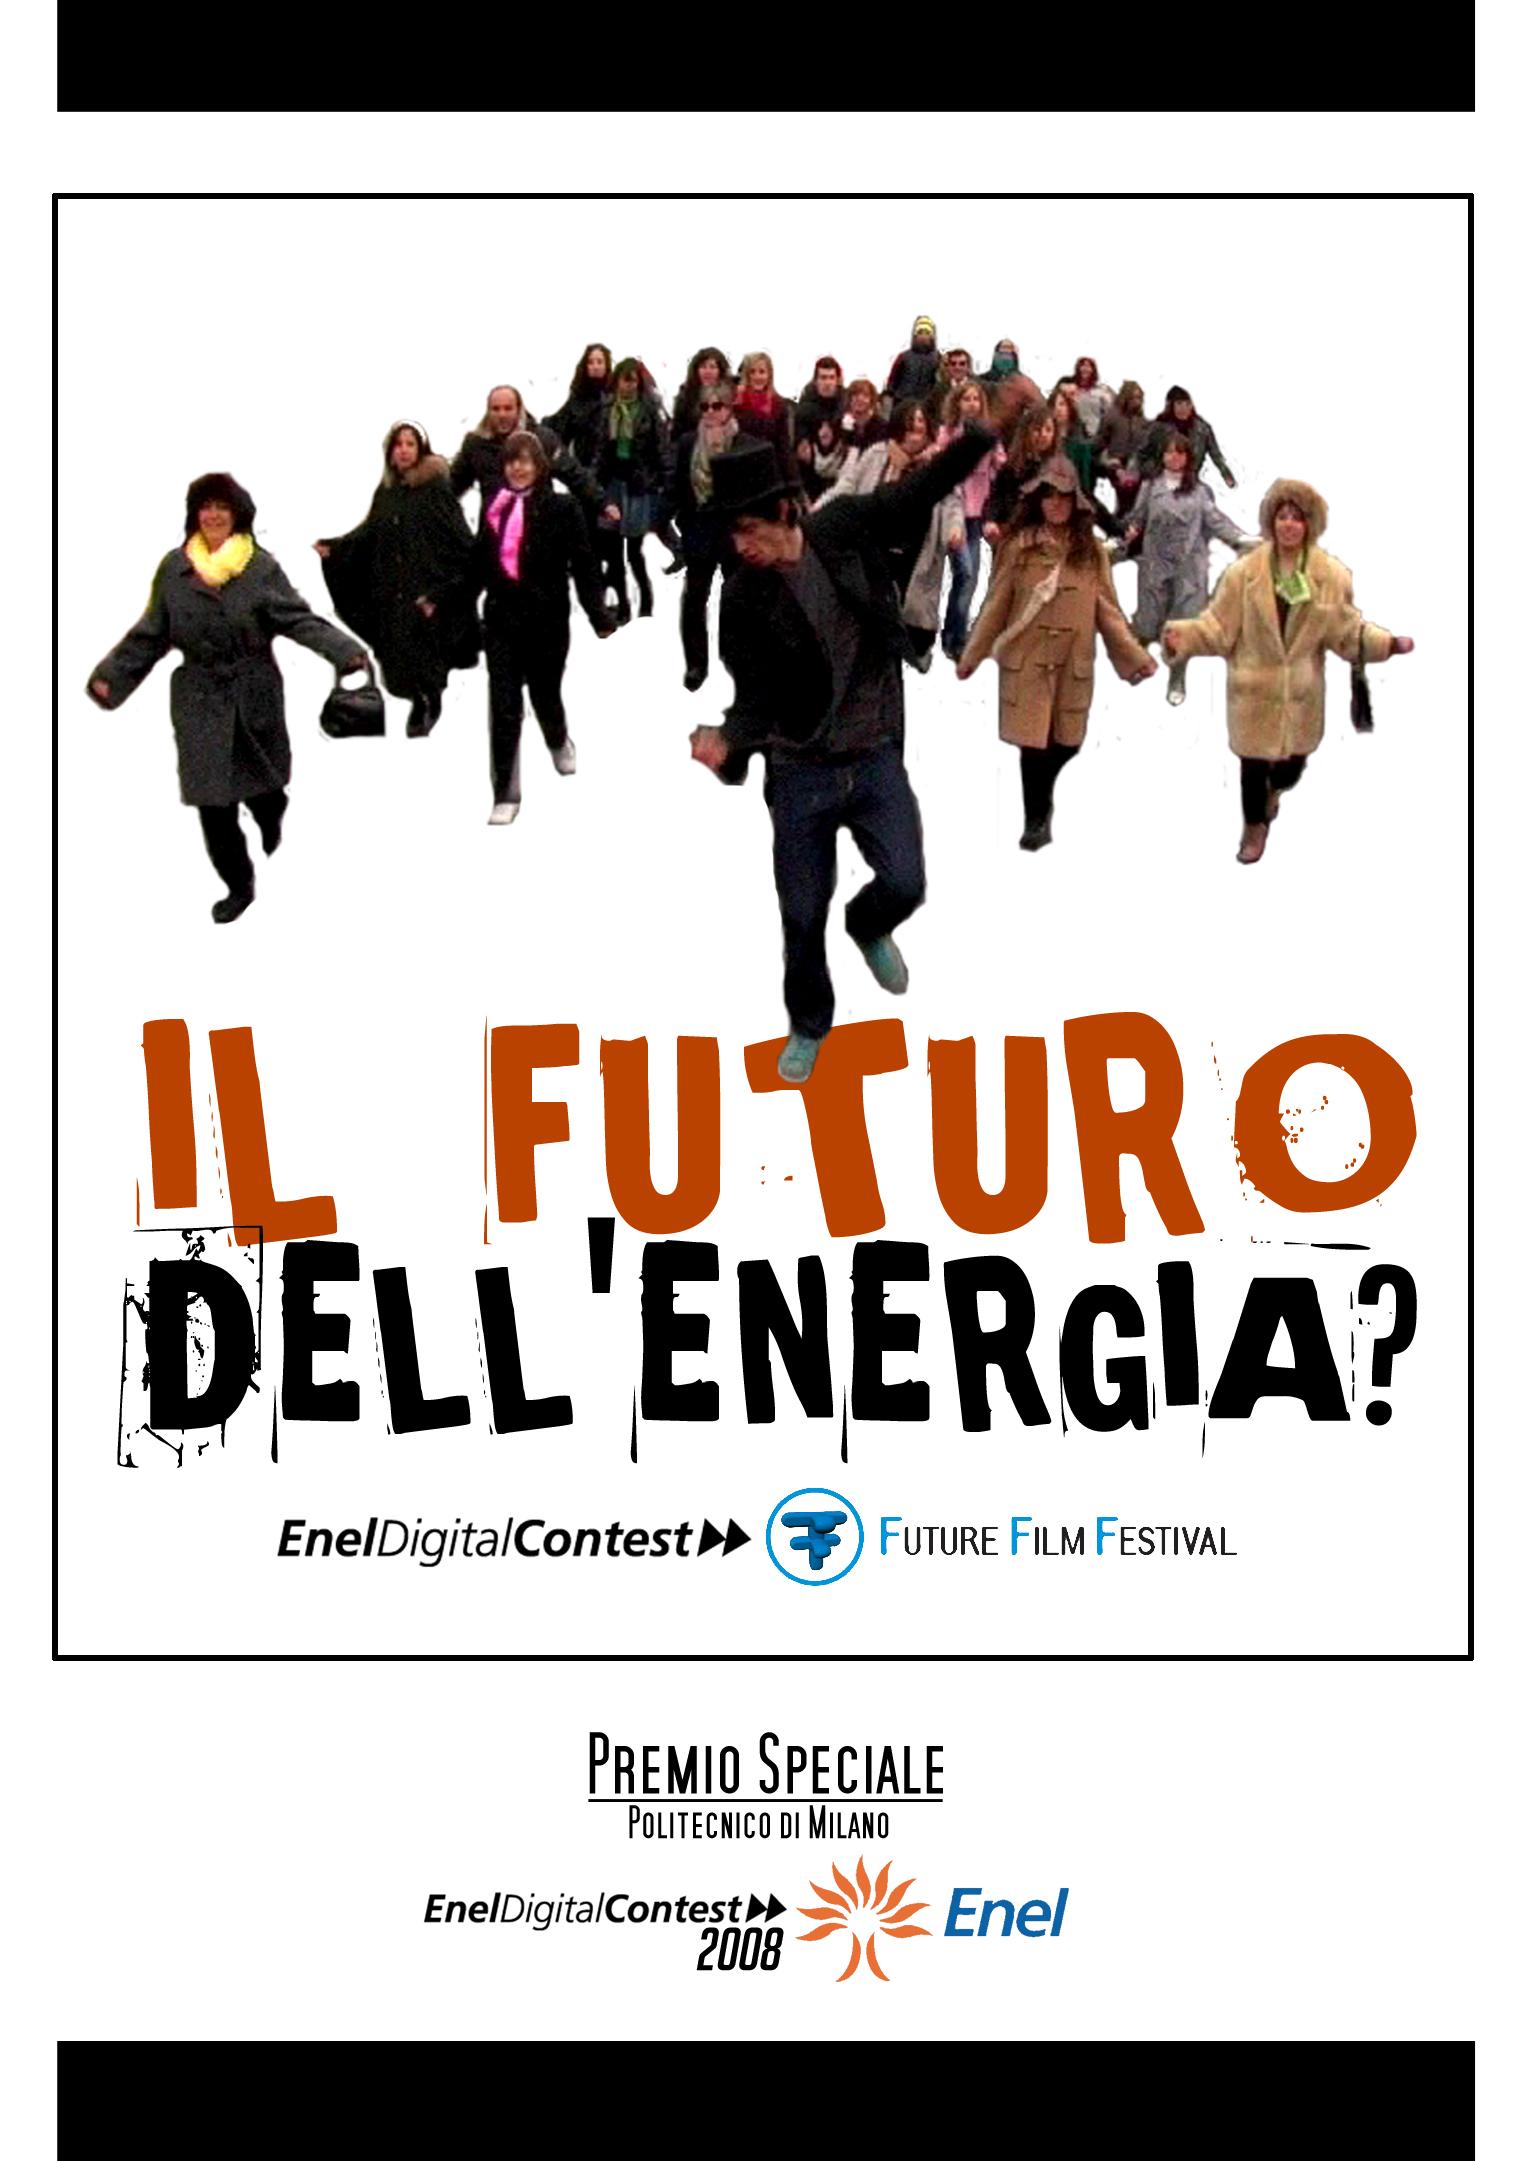 LOCANDINA _Il futuro dell'energia 03.jpg